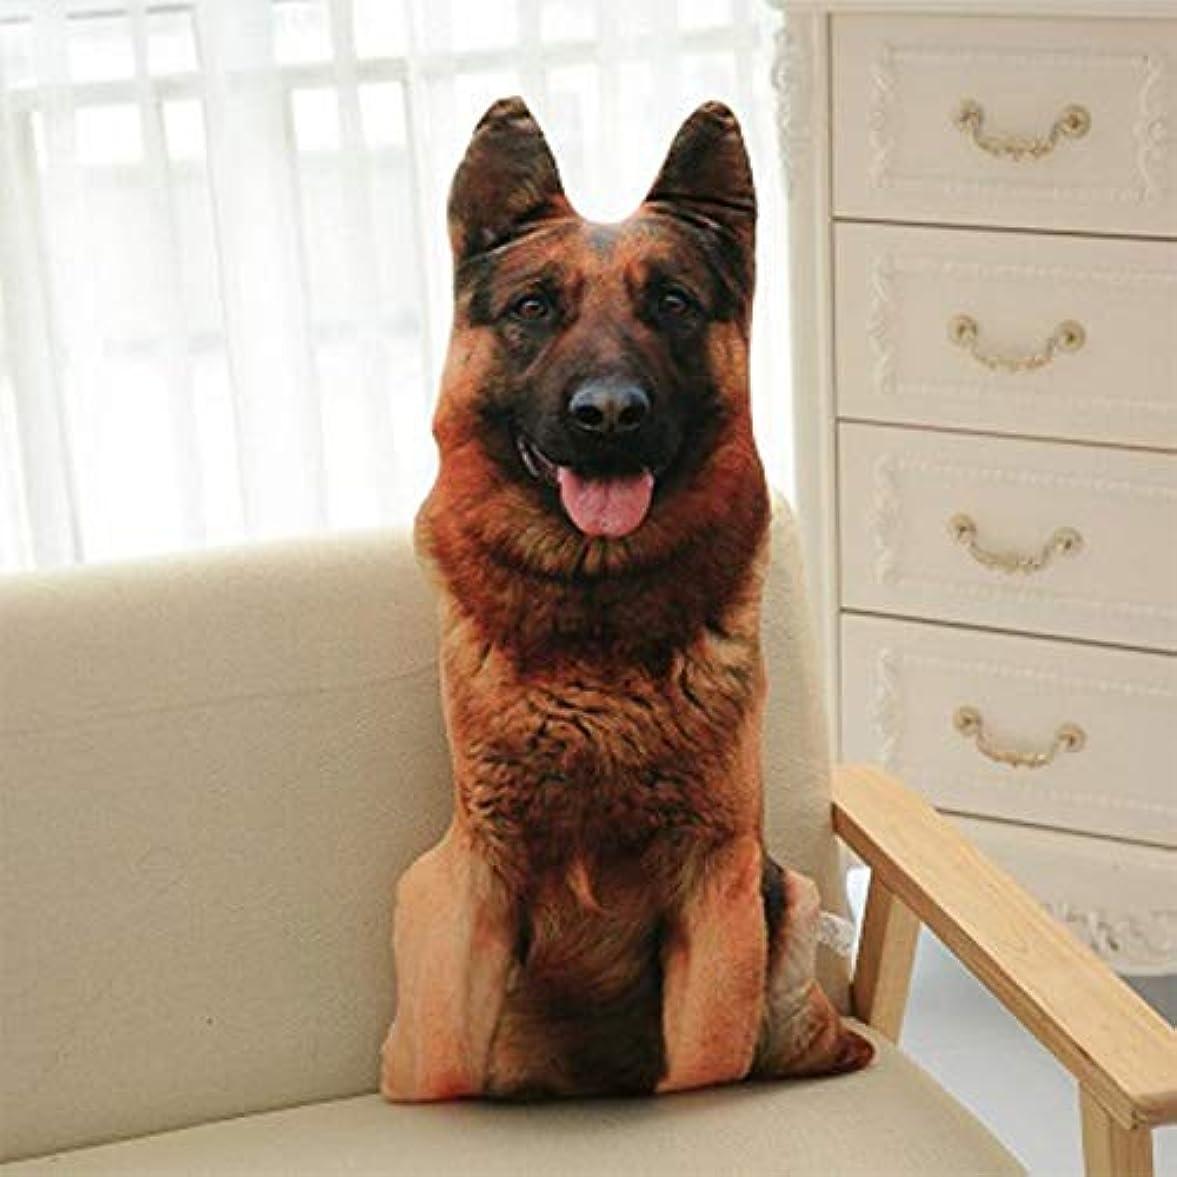 天エチケット相対的LIFE 3D プリントシミュレーション犬ぬいぐるみクッションぬいぐるみ犬ぬいぐるみ枕ぬいぐるみの漫画クッションキッズ人形ベストギフト クッション 椅子